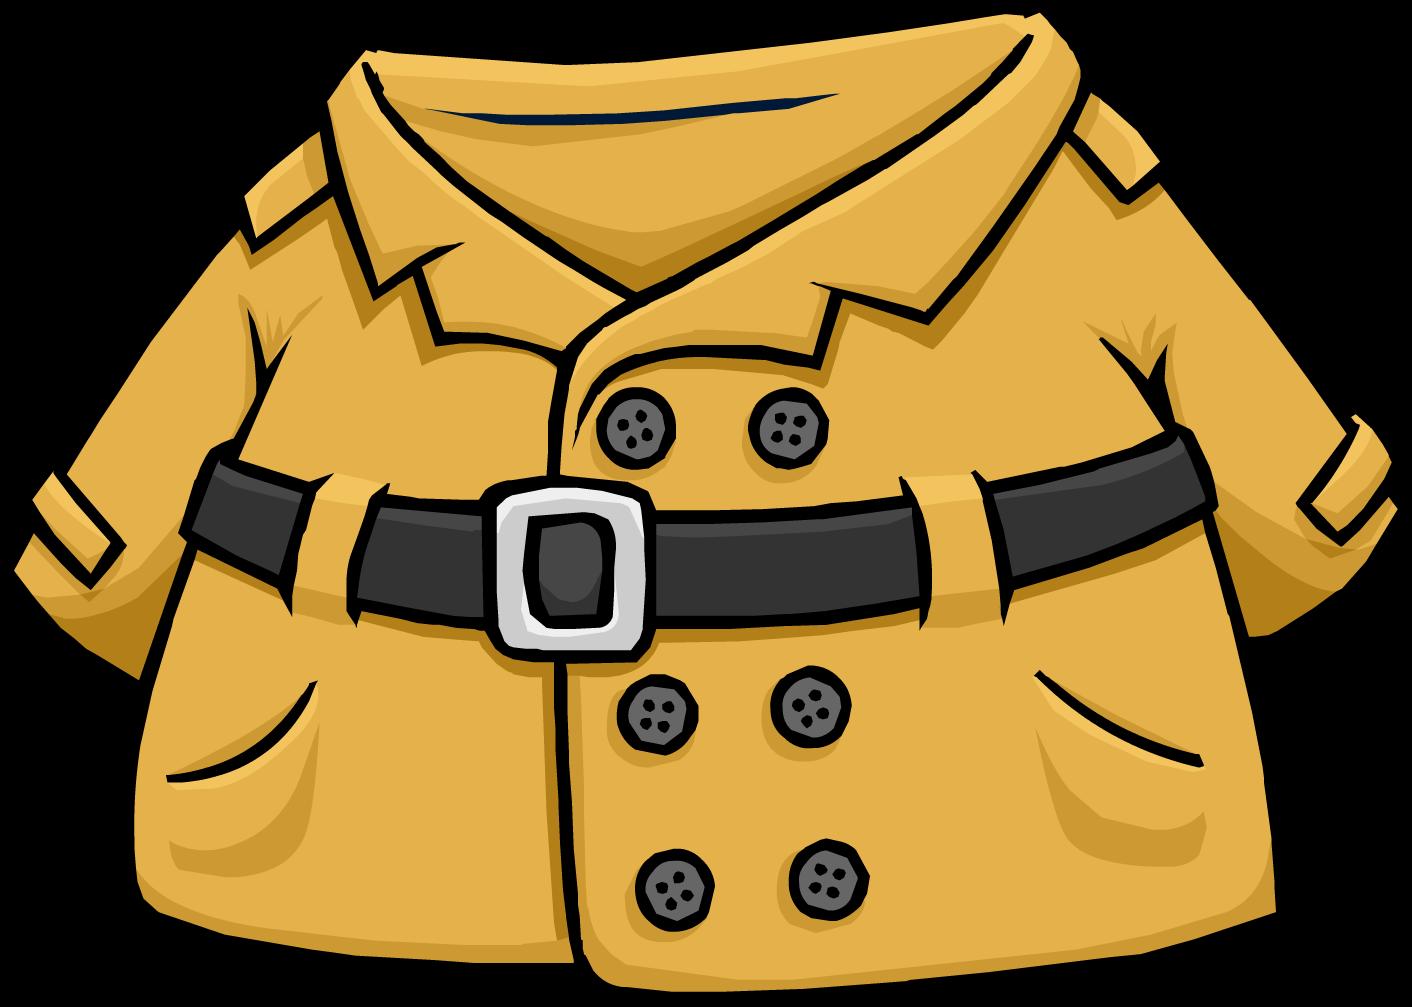 Free Download Best Coat Cartoon